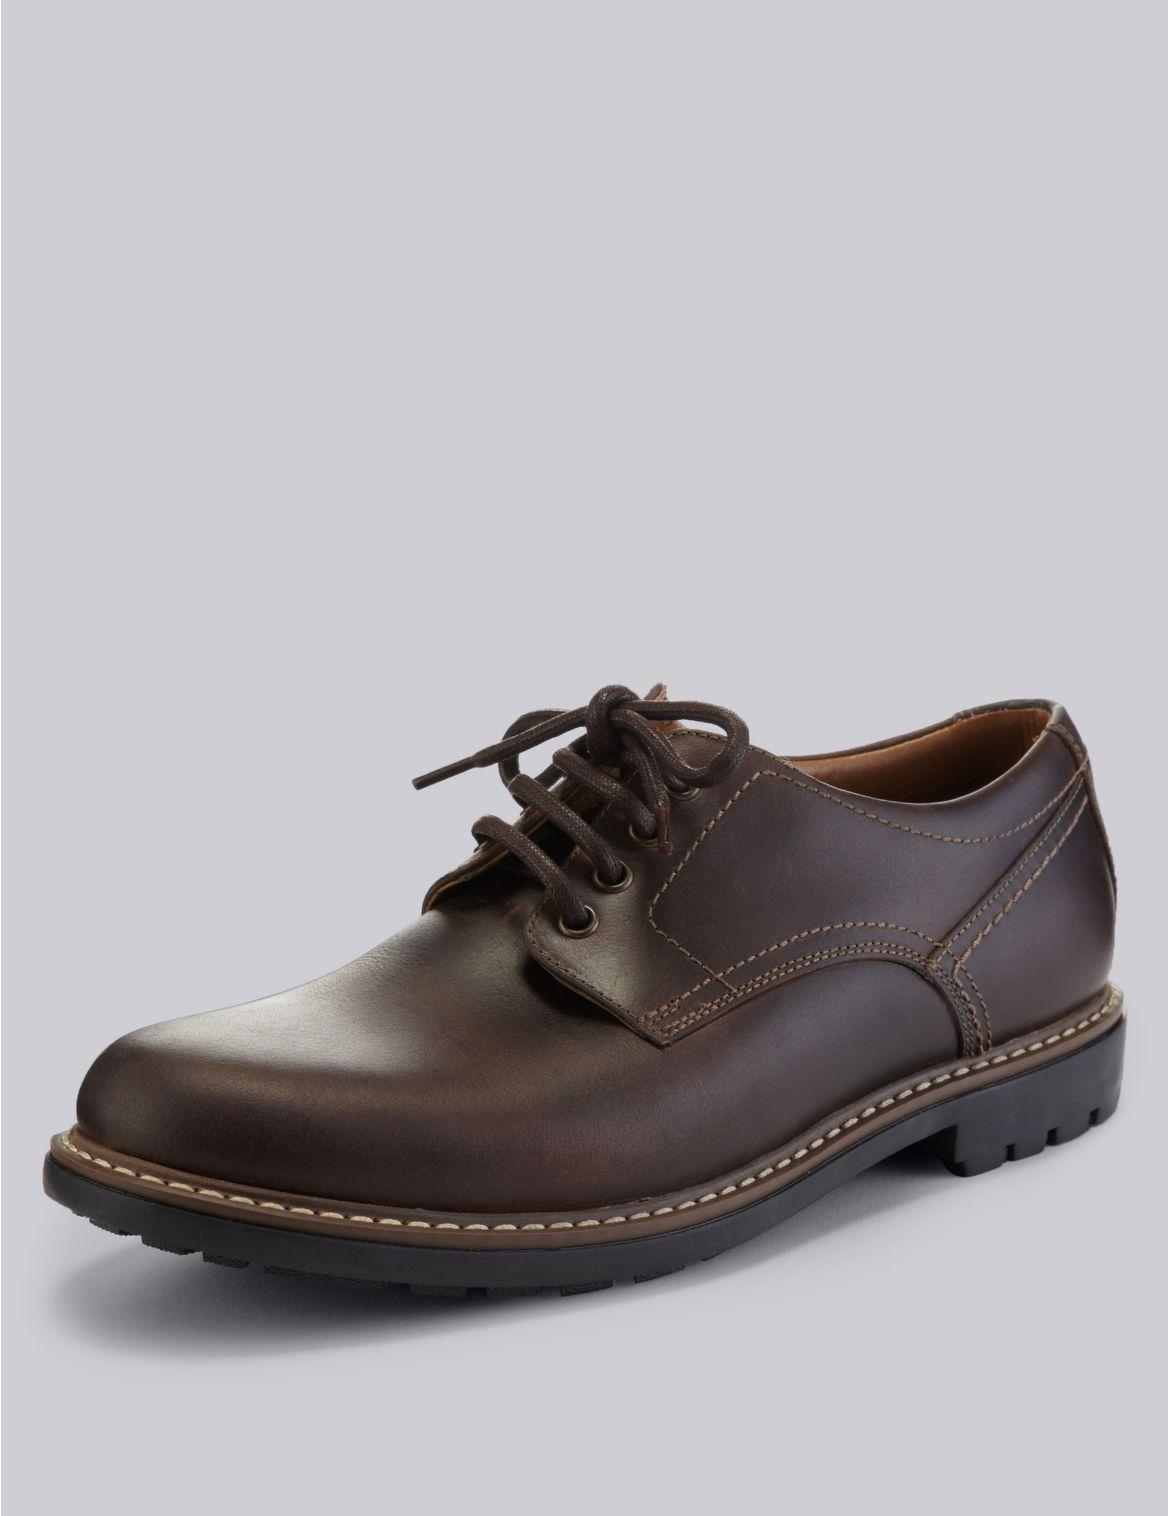 Chaussures en cuir ? lacets. StyleForme du produit:?€ lacets;Coupe:Coupe standard;Fermeture:?€ lacets;Bout rond;D??tail couture et empi?¨cem